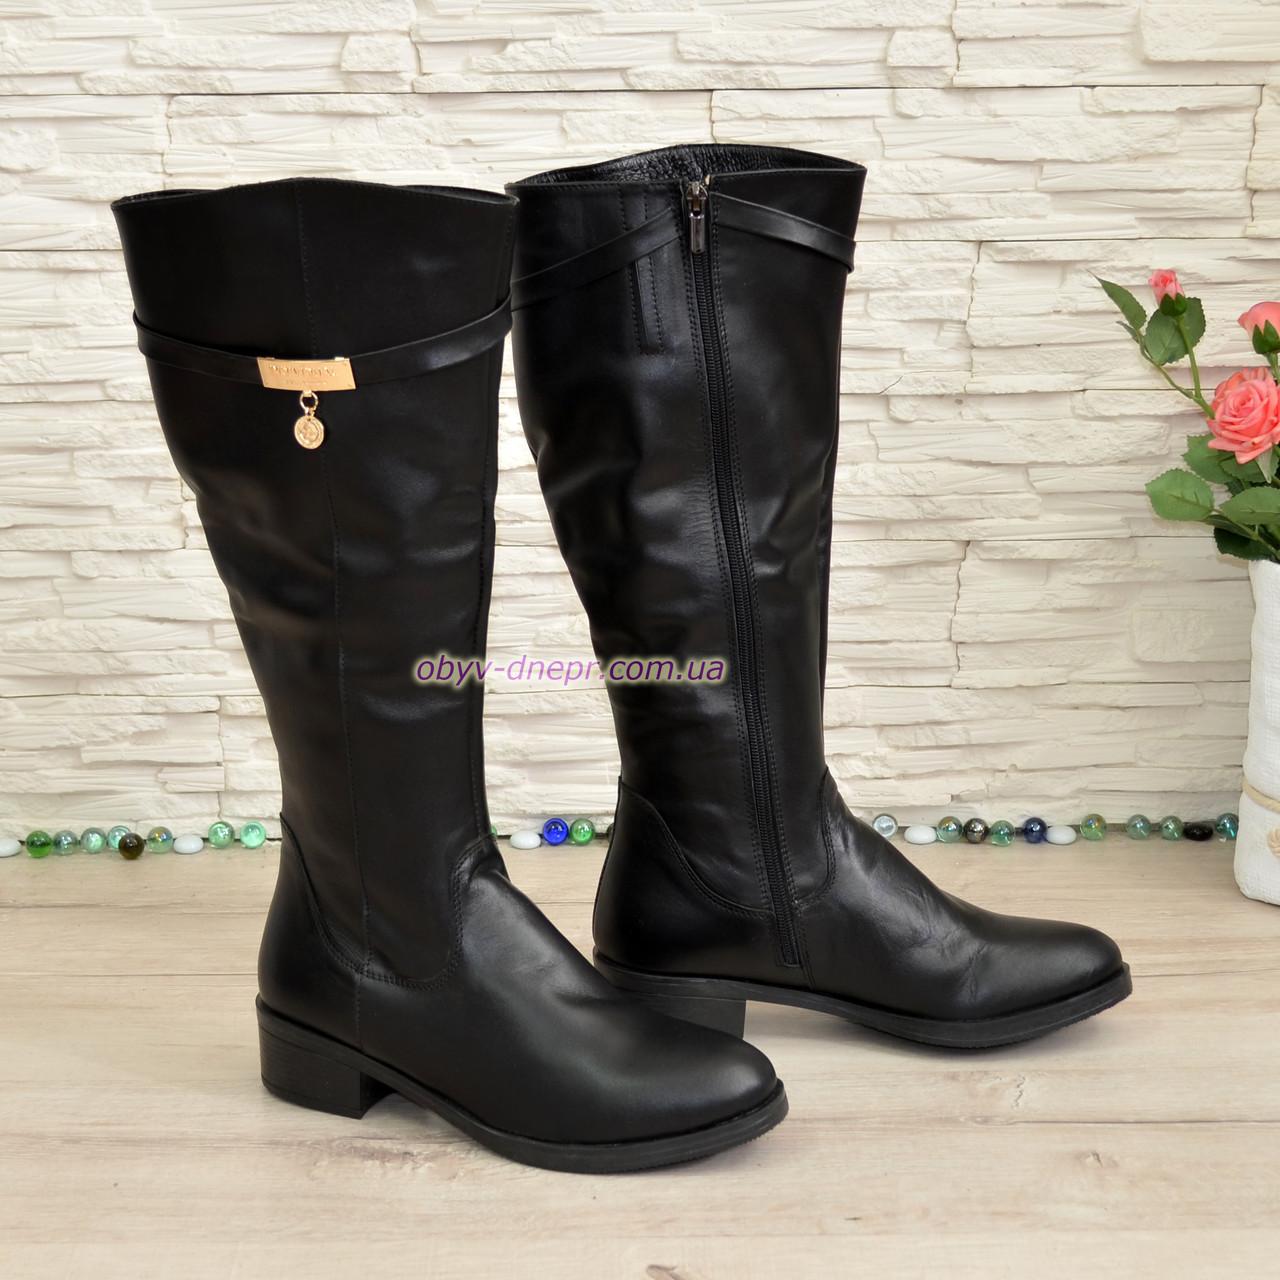 Сапоги женские зимние на невысоком каблуке, натуральная кожа черного цвета